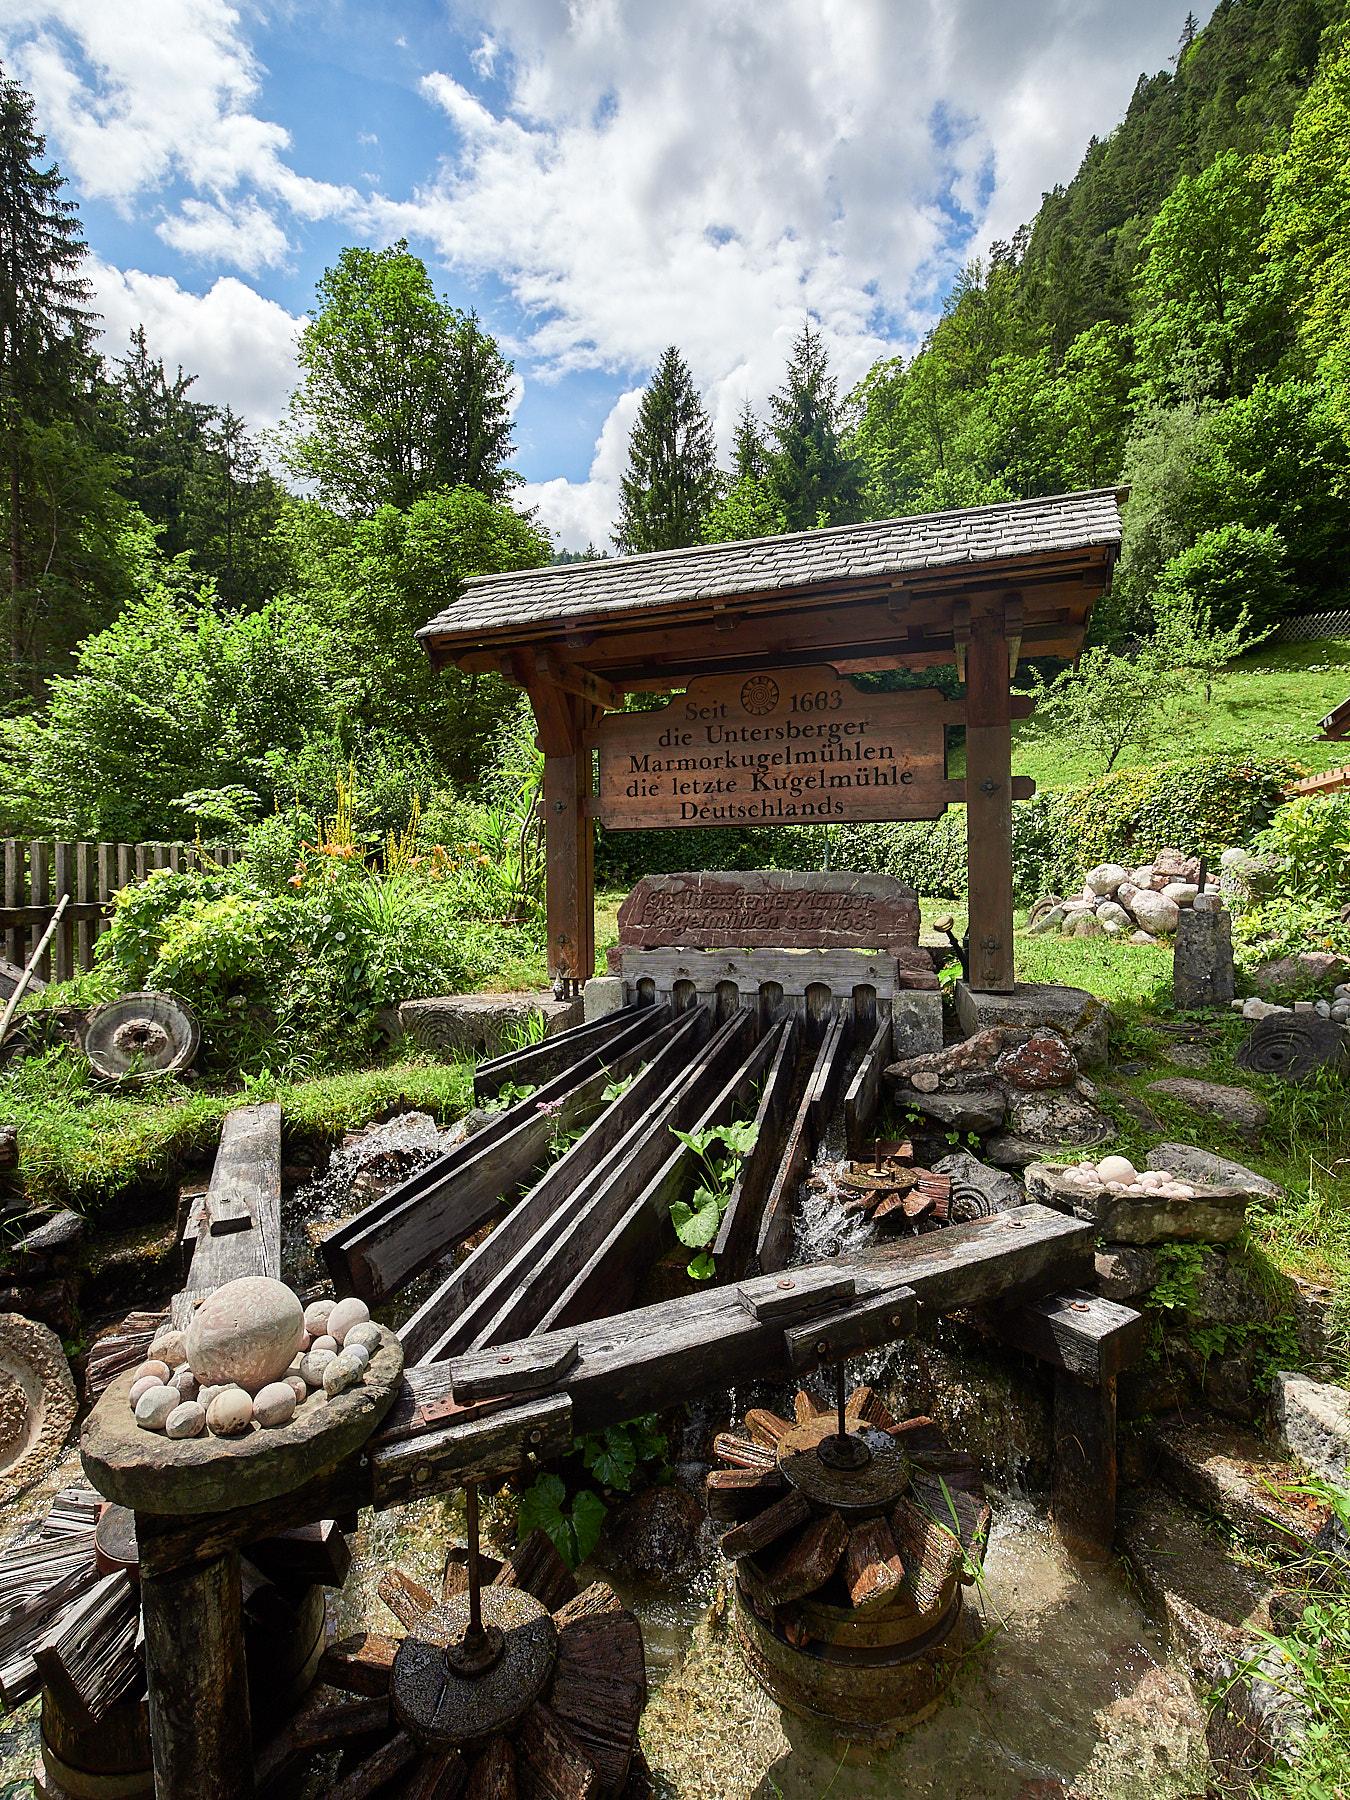 Bild der Kugelmühle der Almbachtalklamm